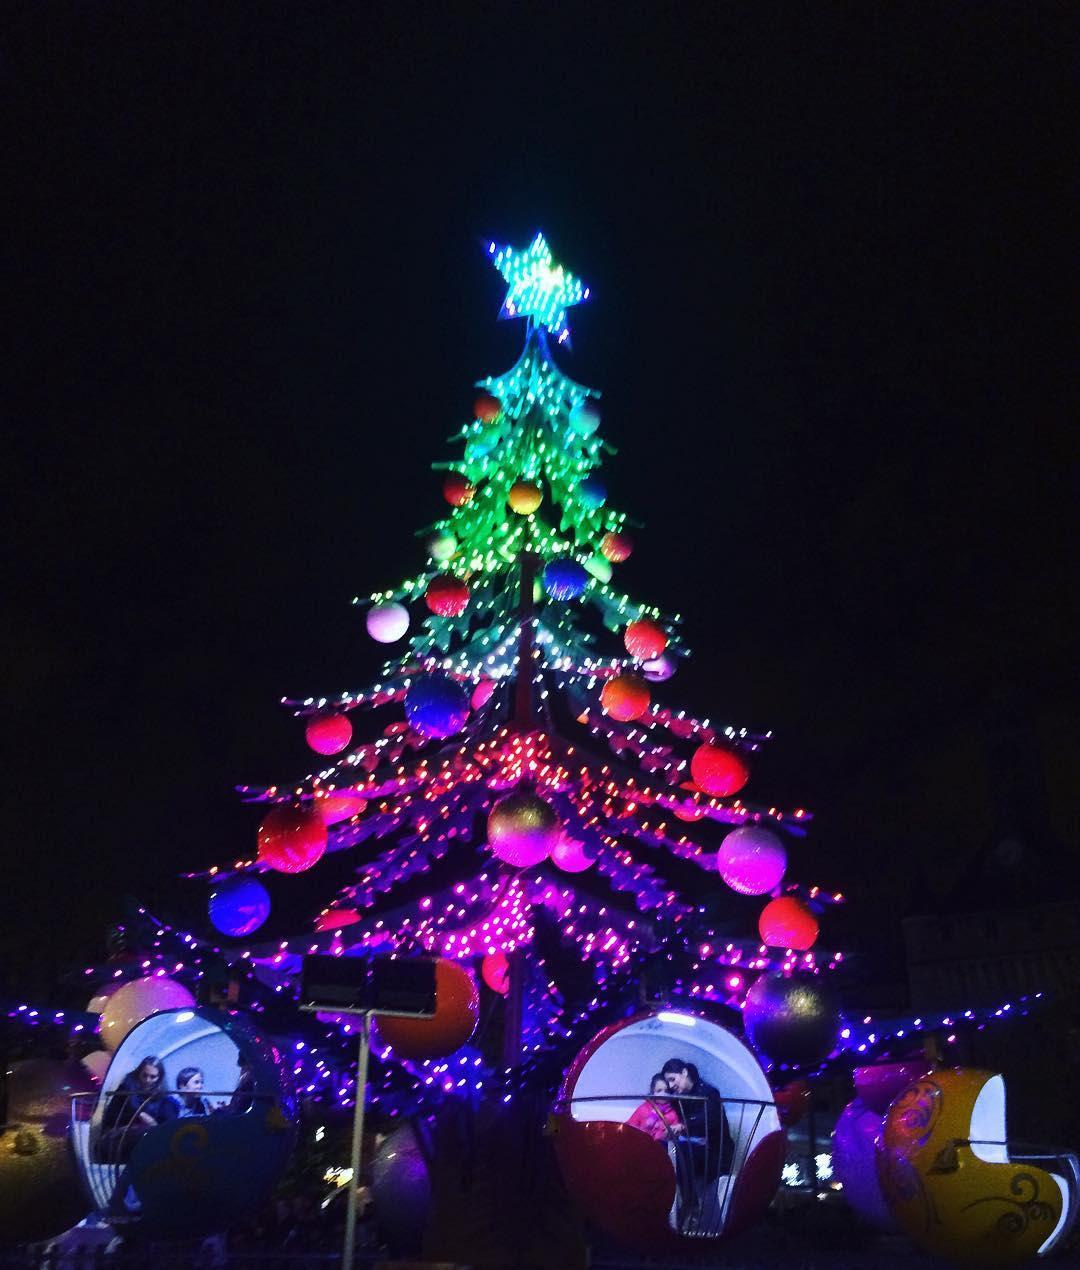 Albero Di Natale Milano.Villaggio Delle Meraviglie Accensione Dell Albero Di Natale Venerdi